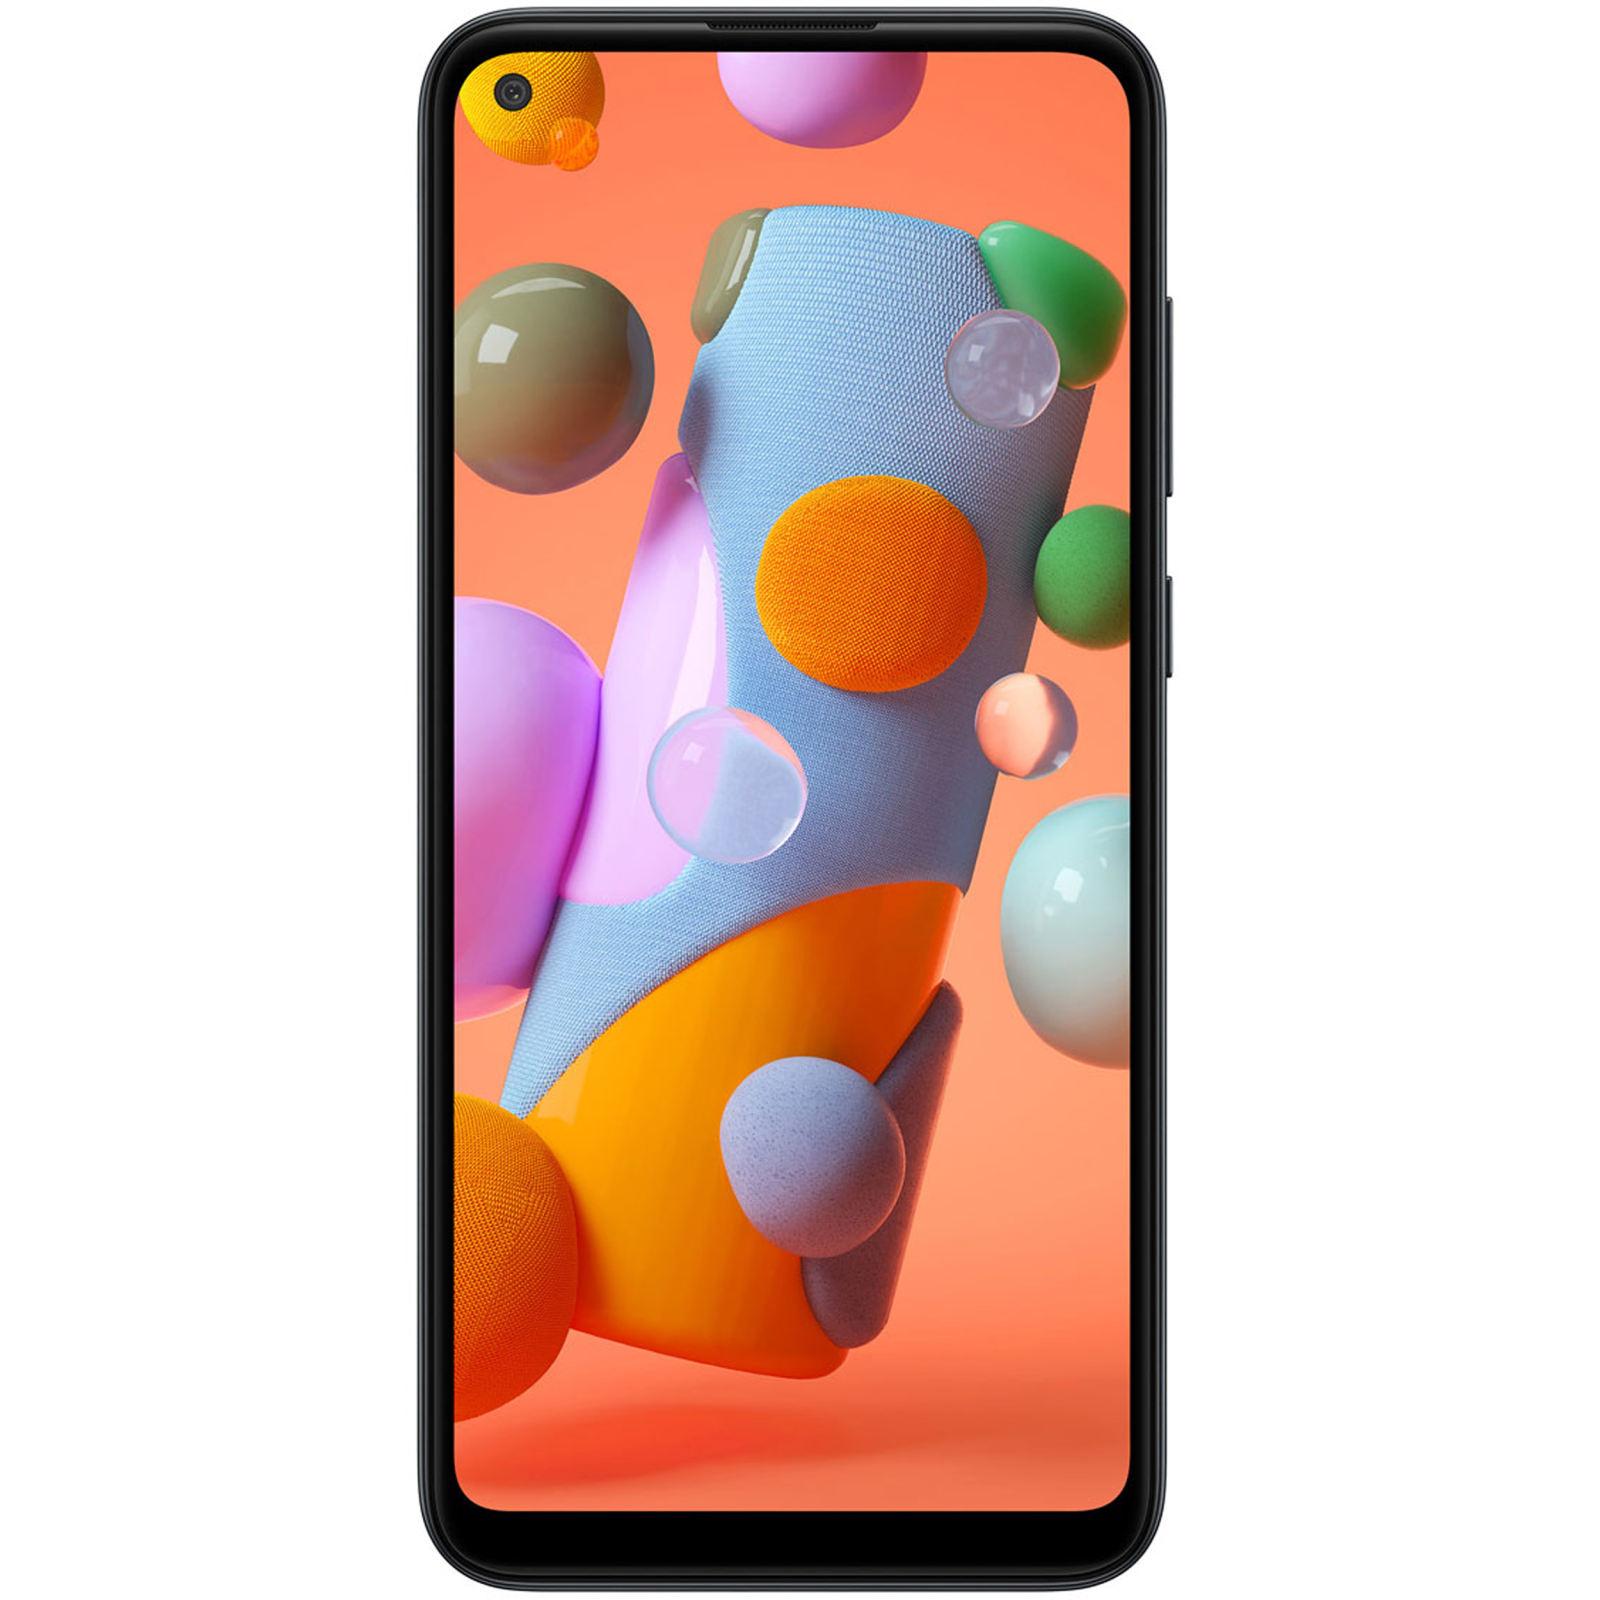 گوشی موبایل سامسونگ مدل Galaxy A11 SM-A115F/DS دو سیم کارت ظرفیت ۳۲ گیگابایت